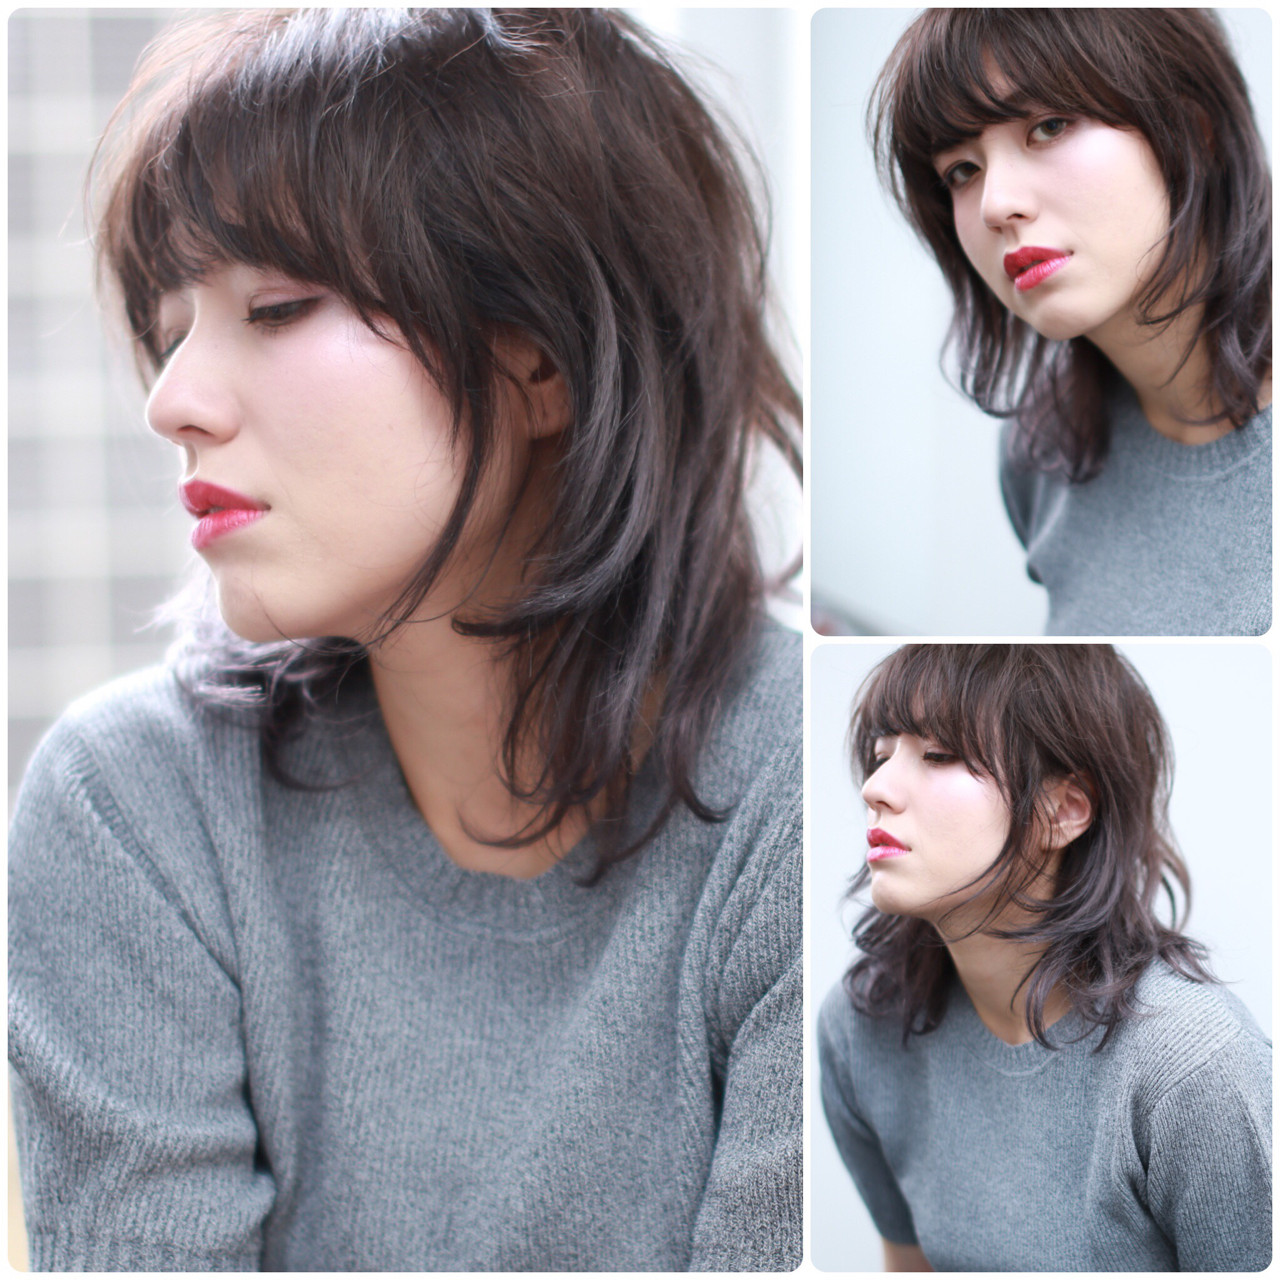 爽やか ウルフカット 外国人風カラー アンニュイ ヘアスタイルや髪型の写真・画像 | イマムラ スナオ / LUKE